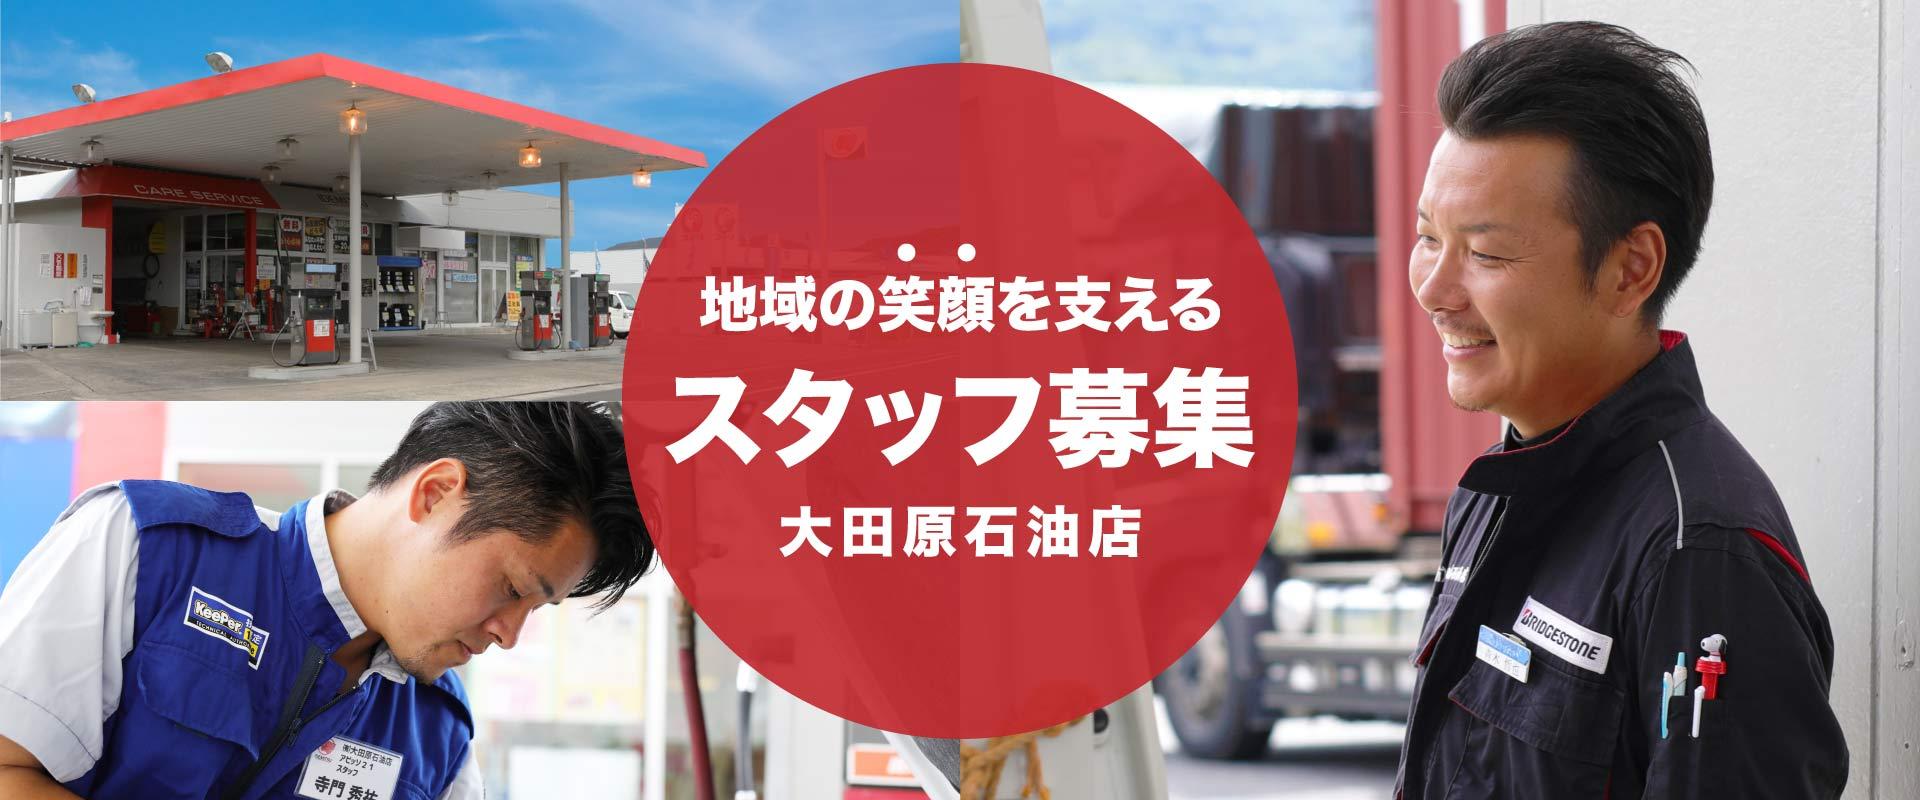 大田原石油店 求人